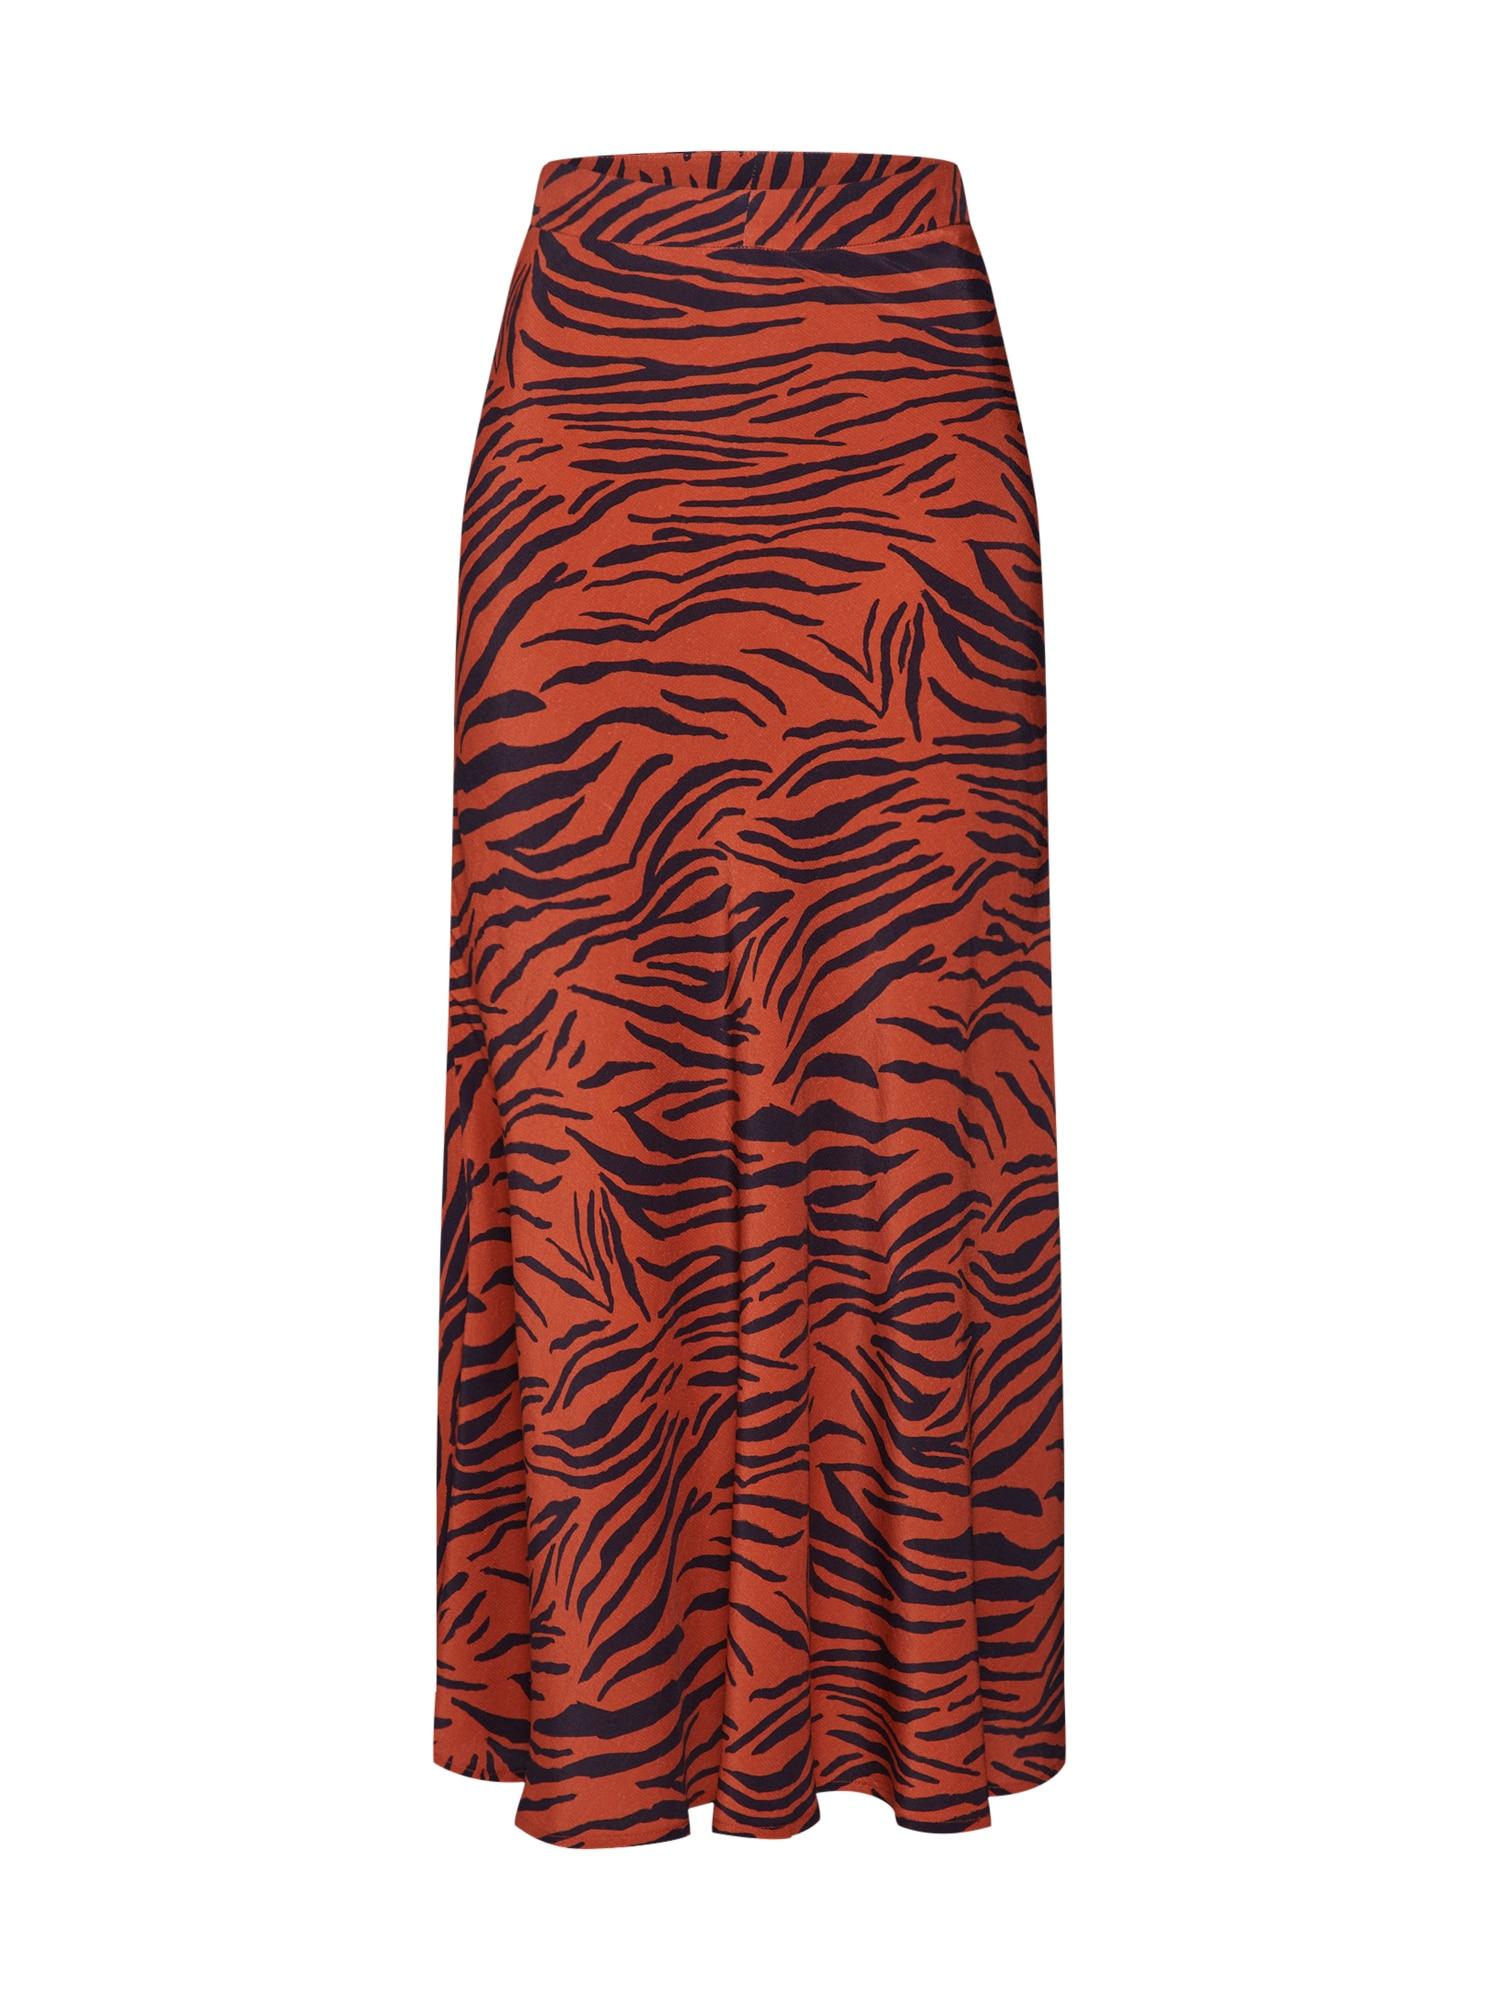 CATWALK JUNKIE Sijonas 'animal stripes' ruda / juoda / oranžinė